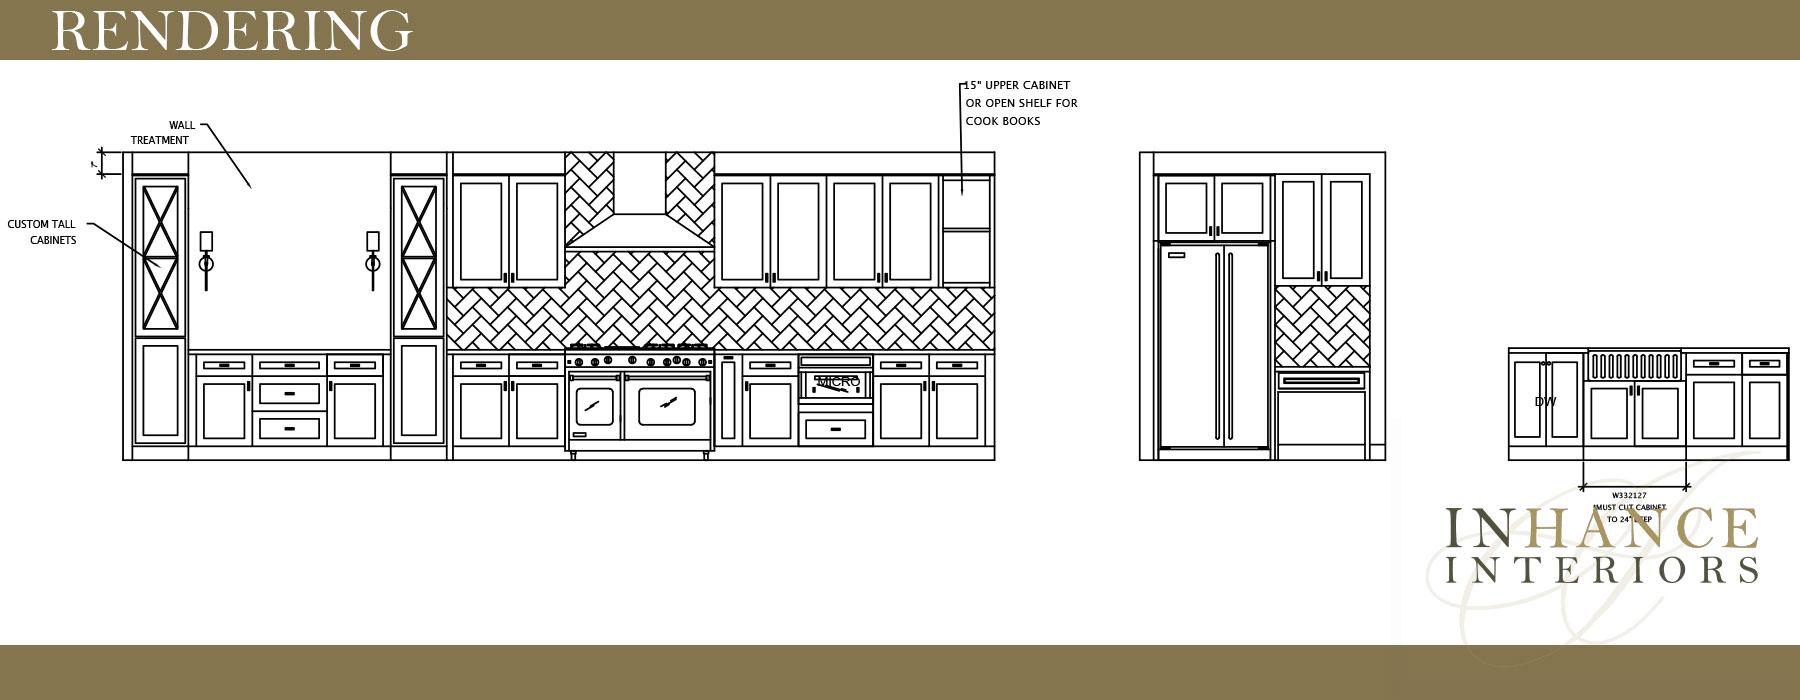 Northvale_Rendering_Kitchen.jpg